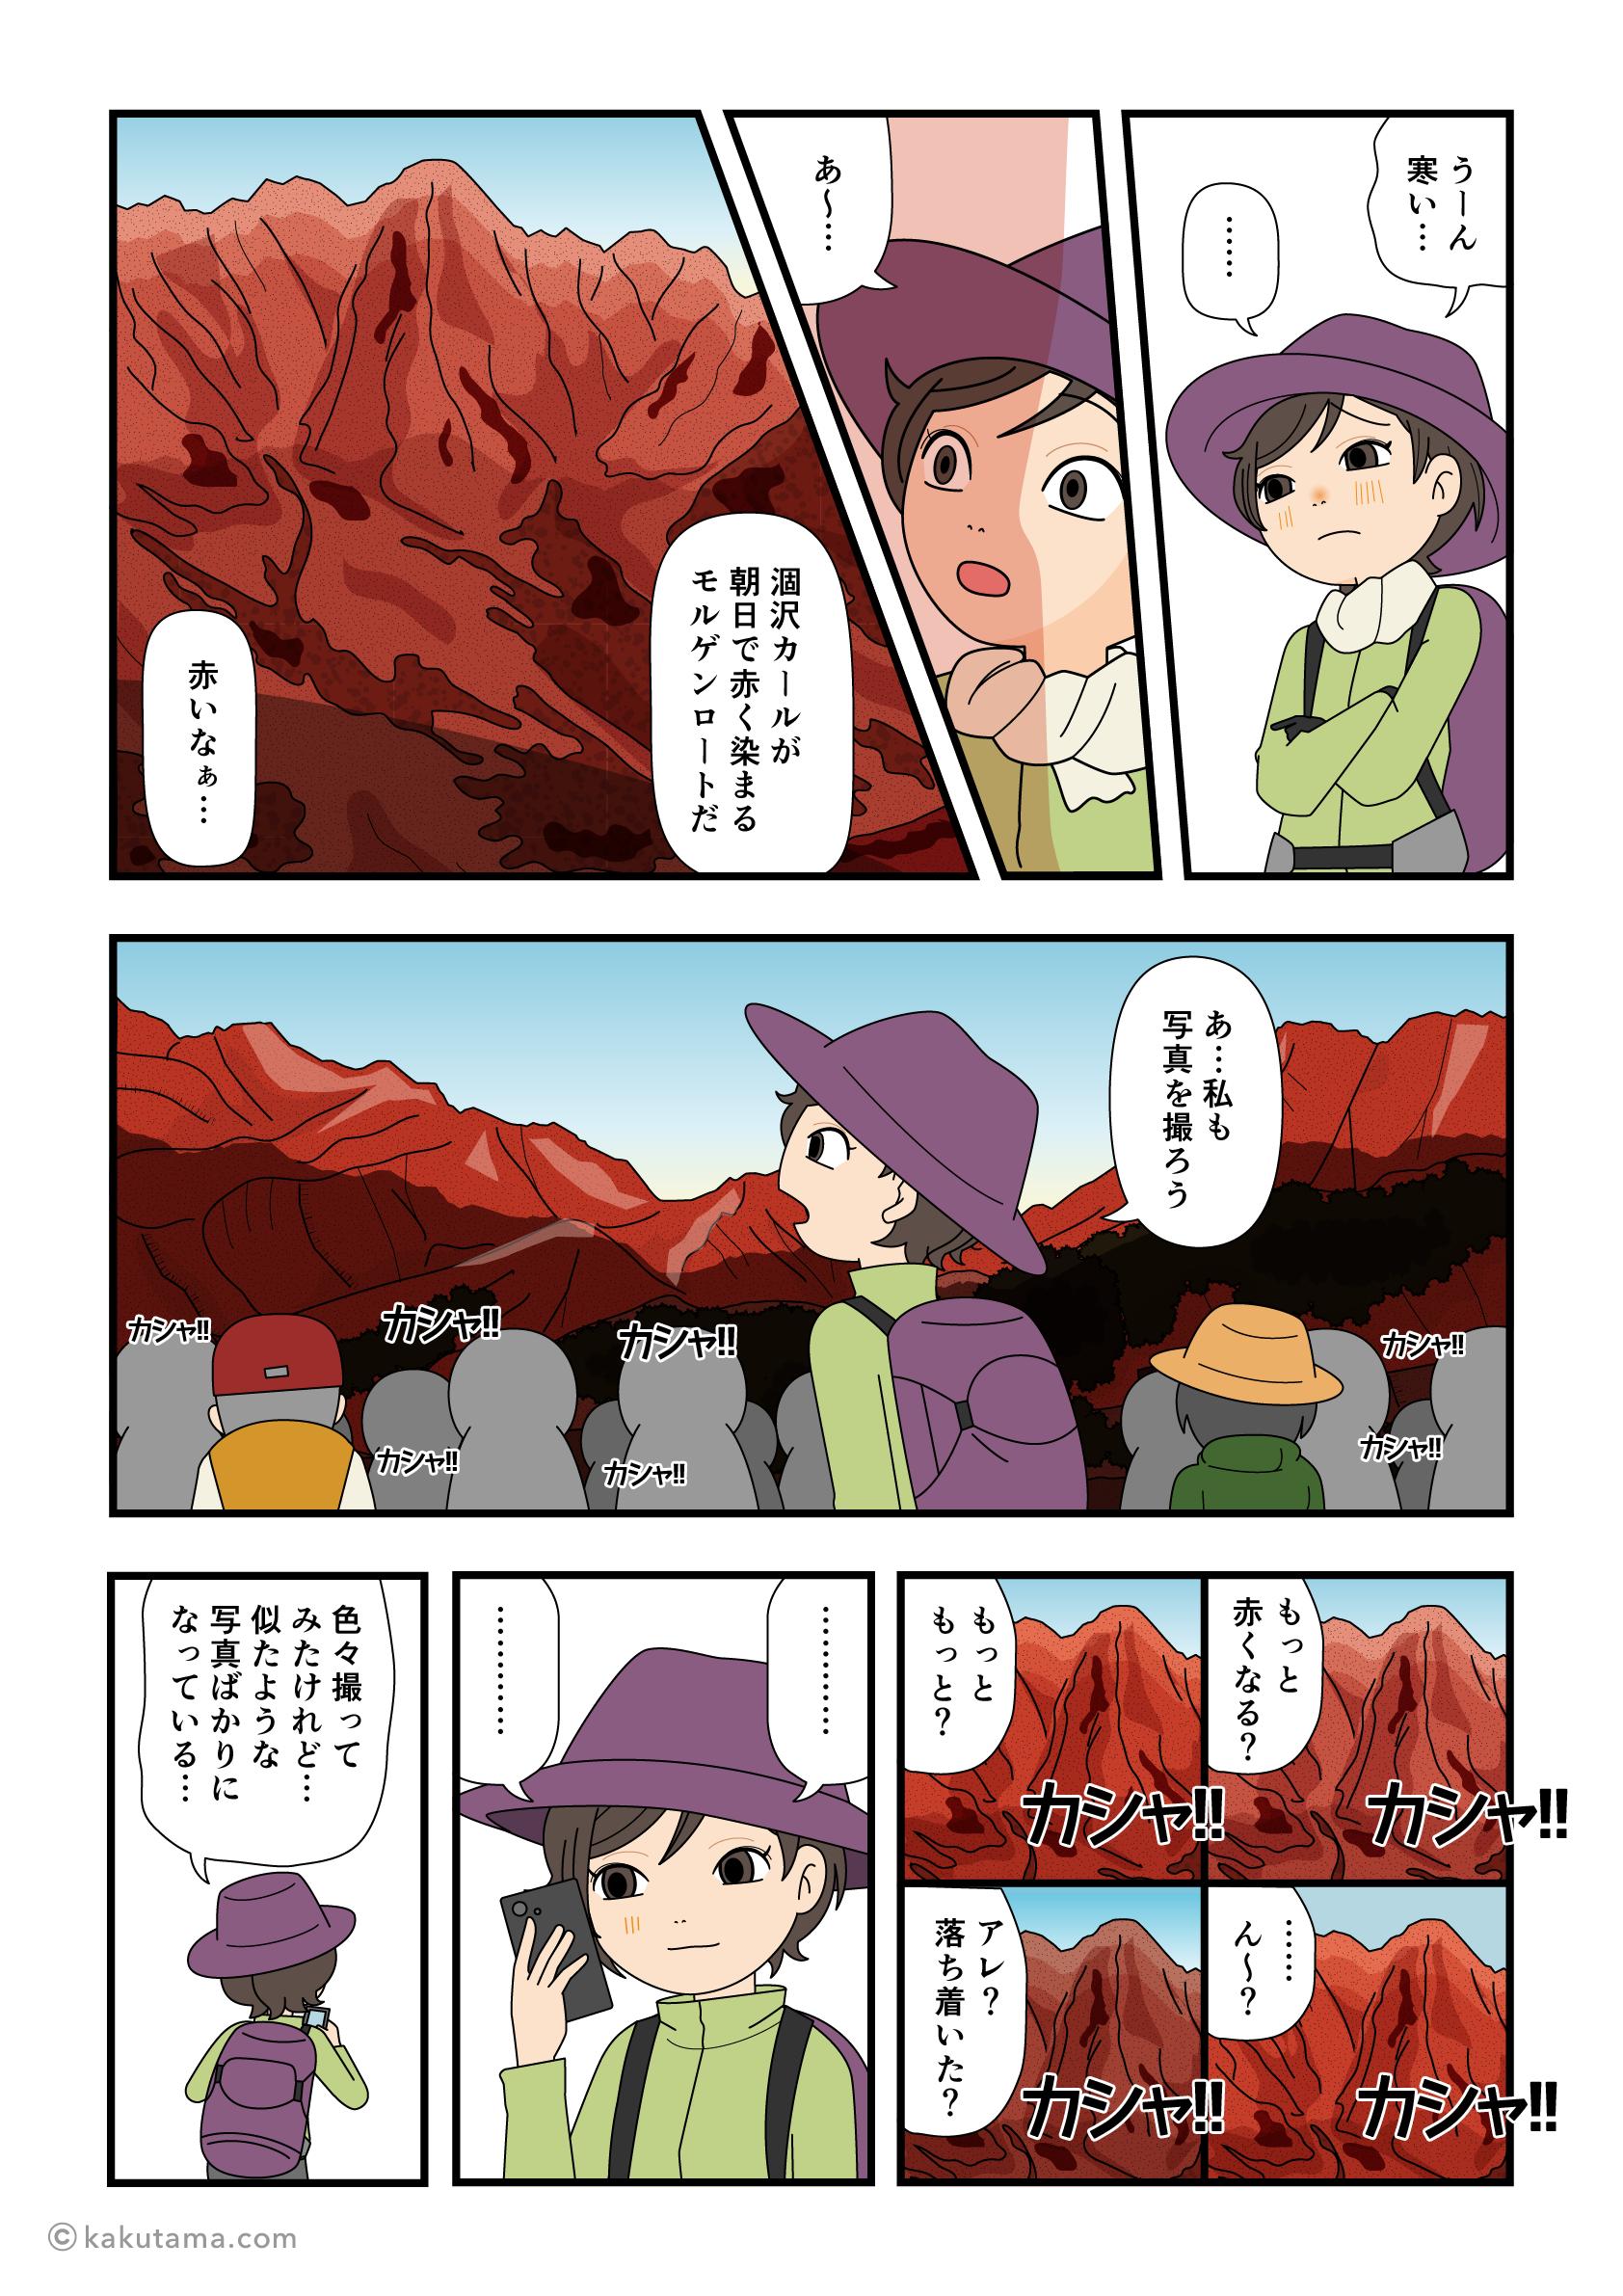 涸沢カールのモルゲンロートを見る登山者の漫画